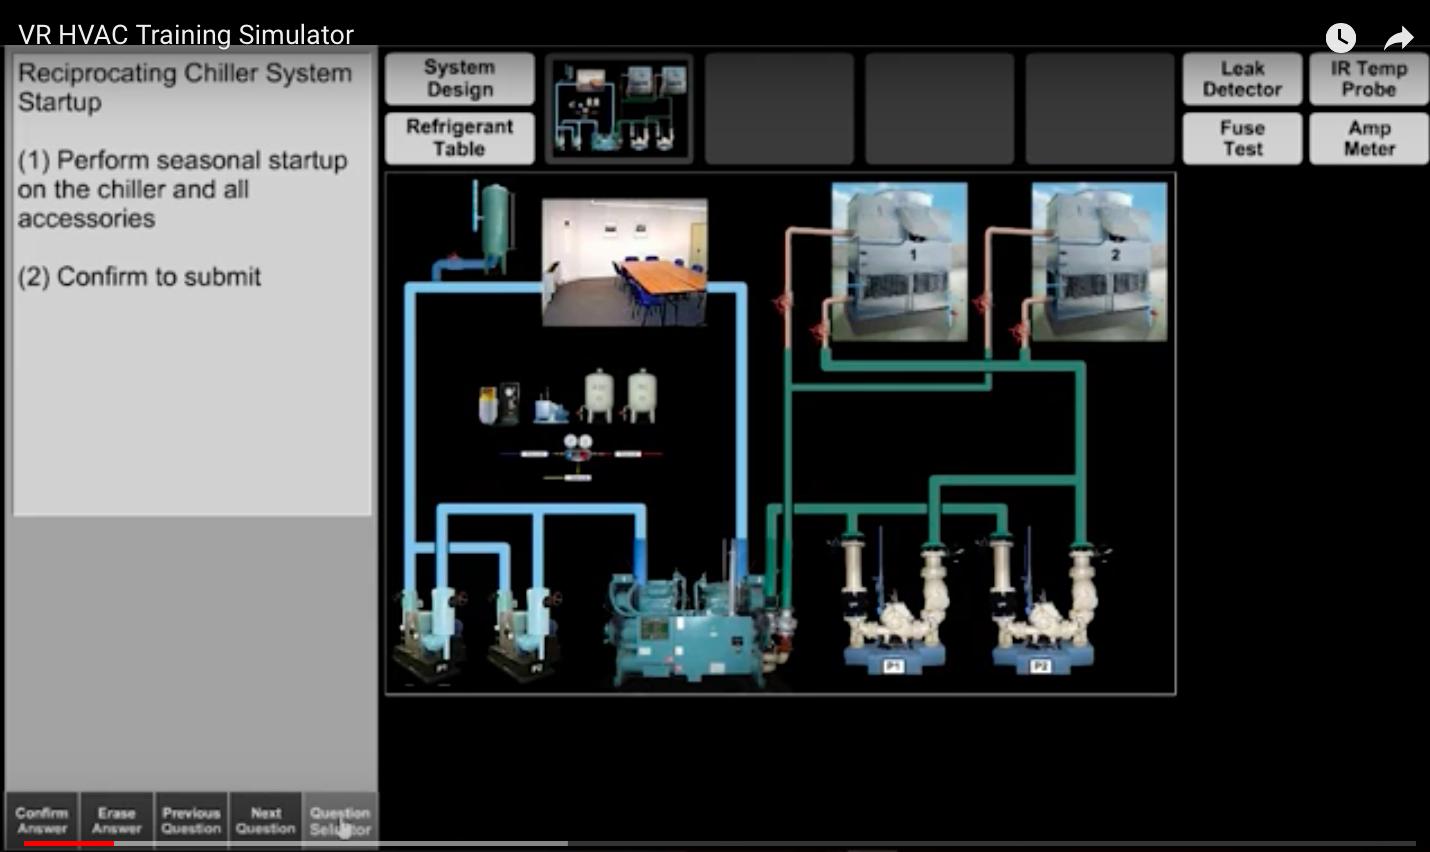 VR HVAC training simulator